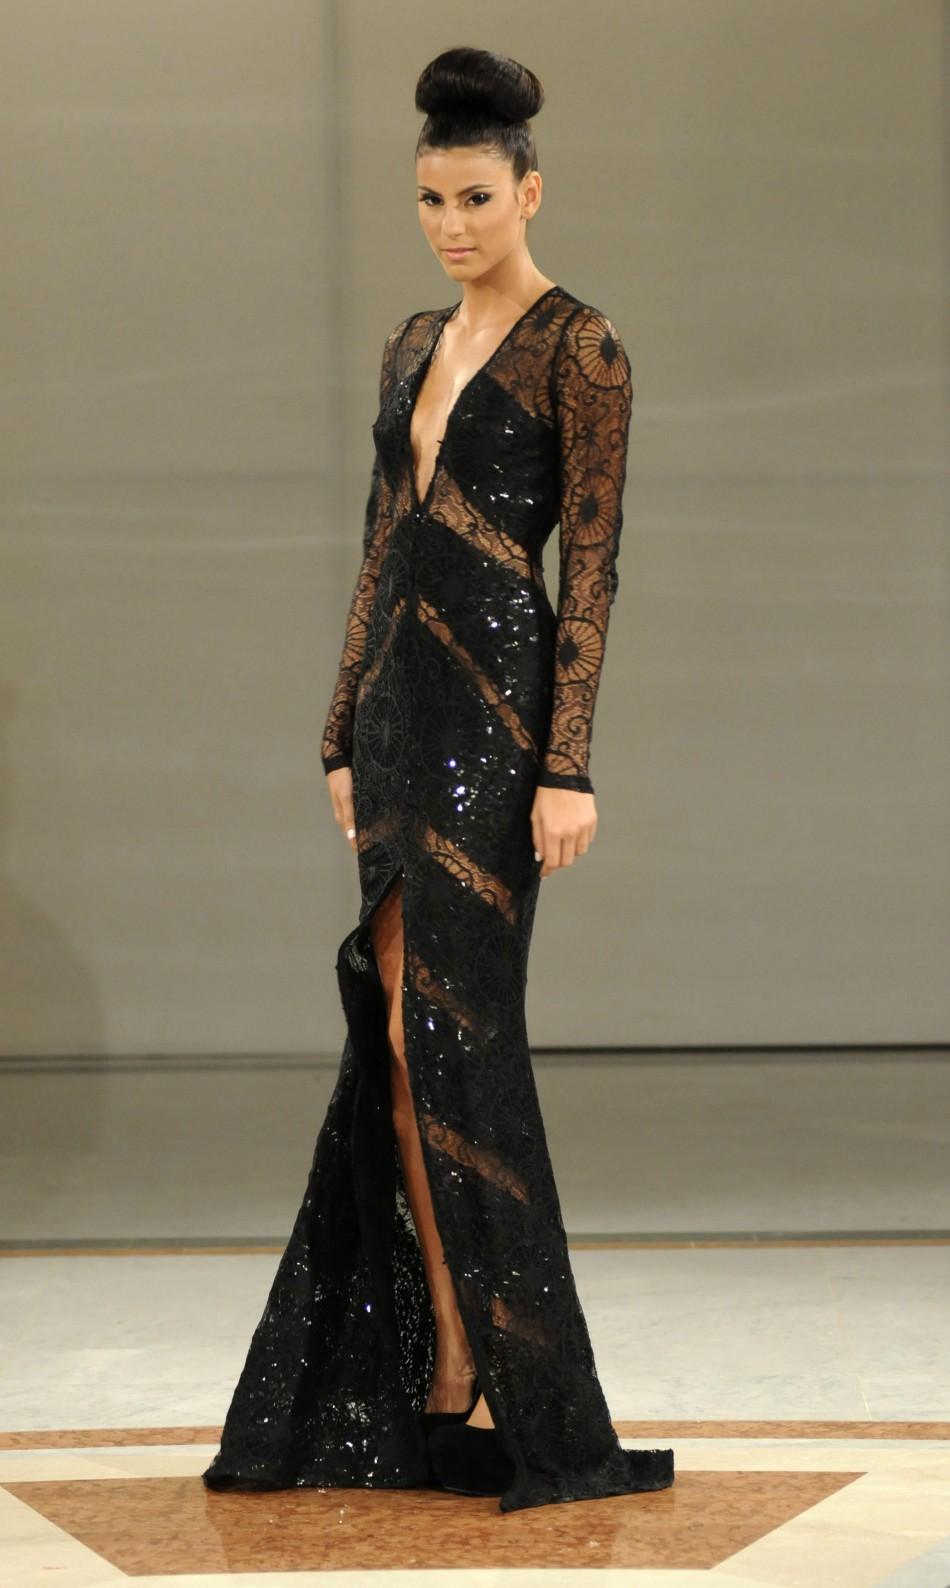 A model presents a creation by Venezuelan designer Nicolas Felizola during Caribbean Fashion Week RD 2012 in Santo Domingo